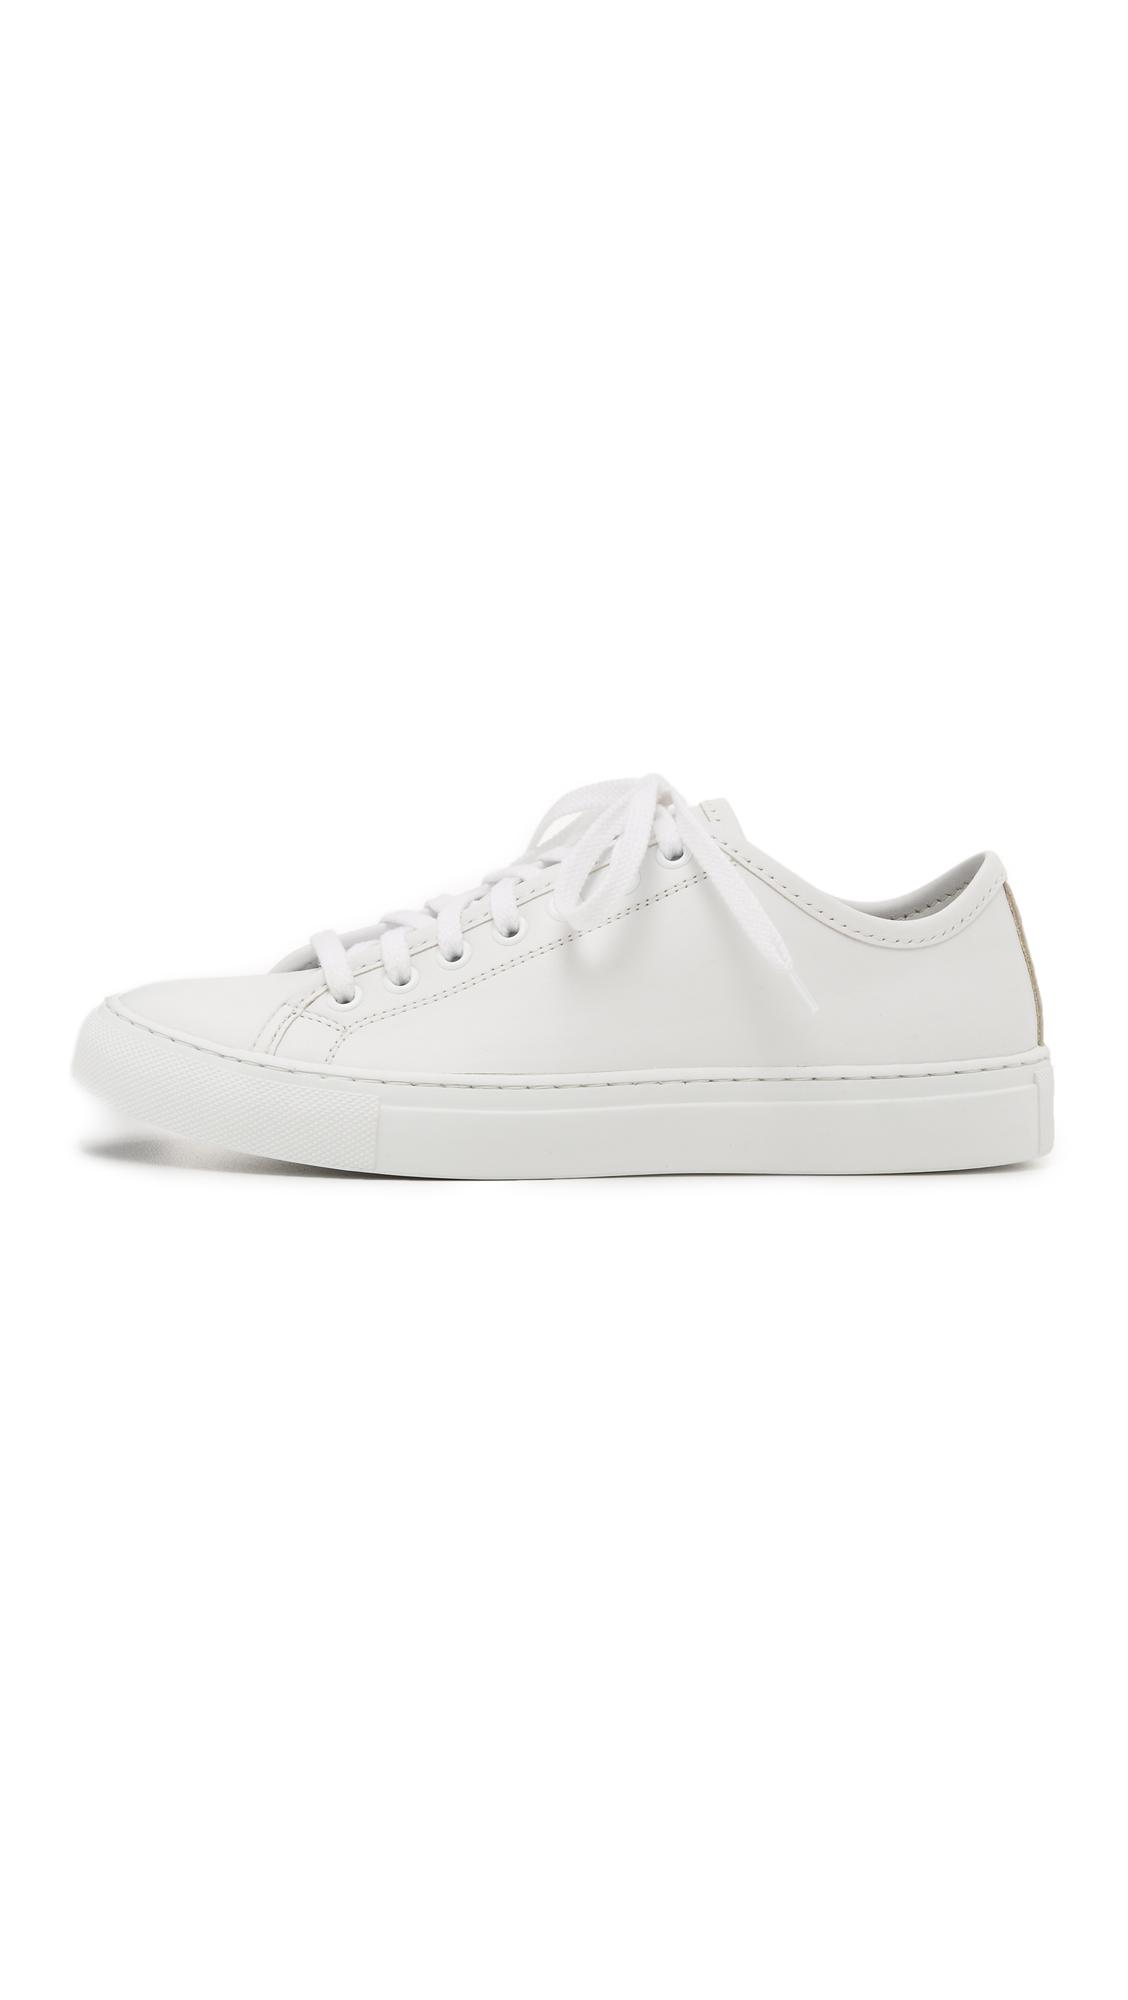 19cf61c76b2 Diemme Veneto Low Top Sneakers